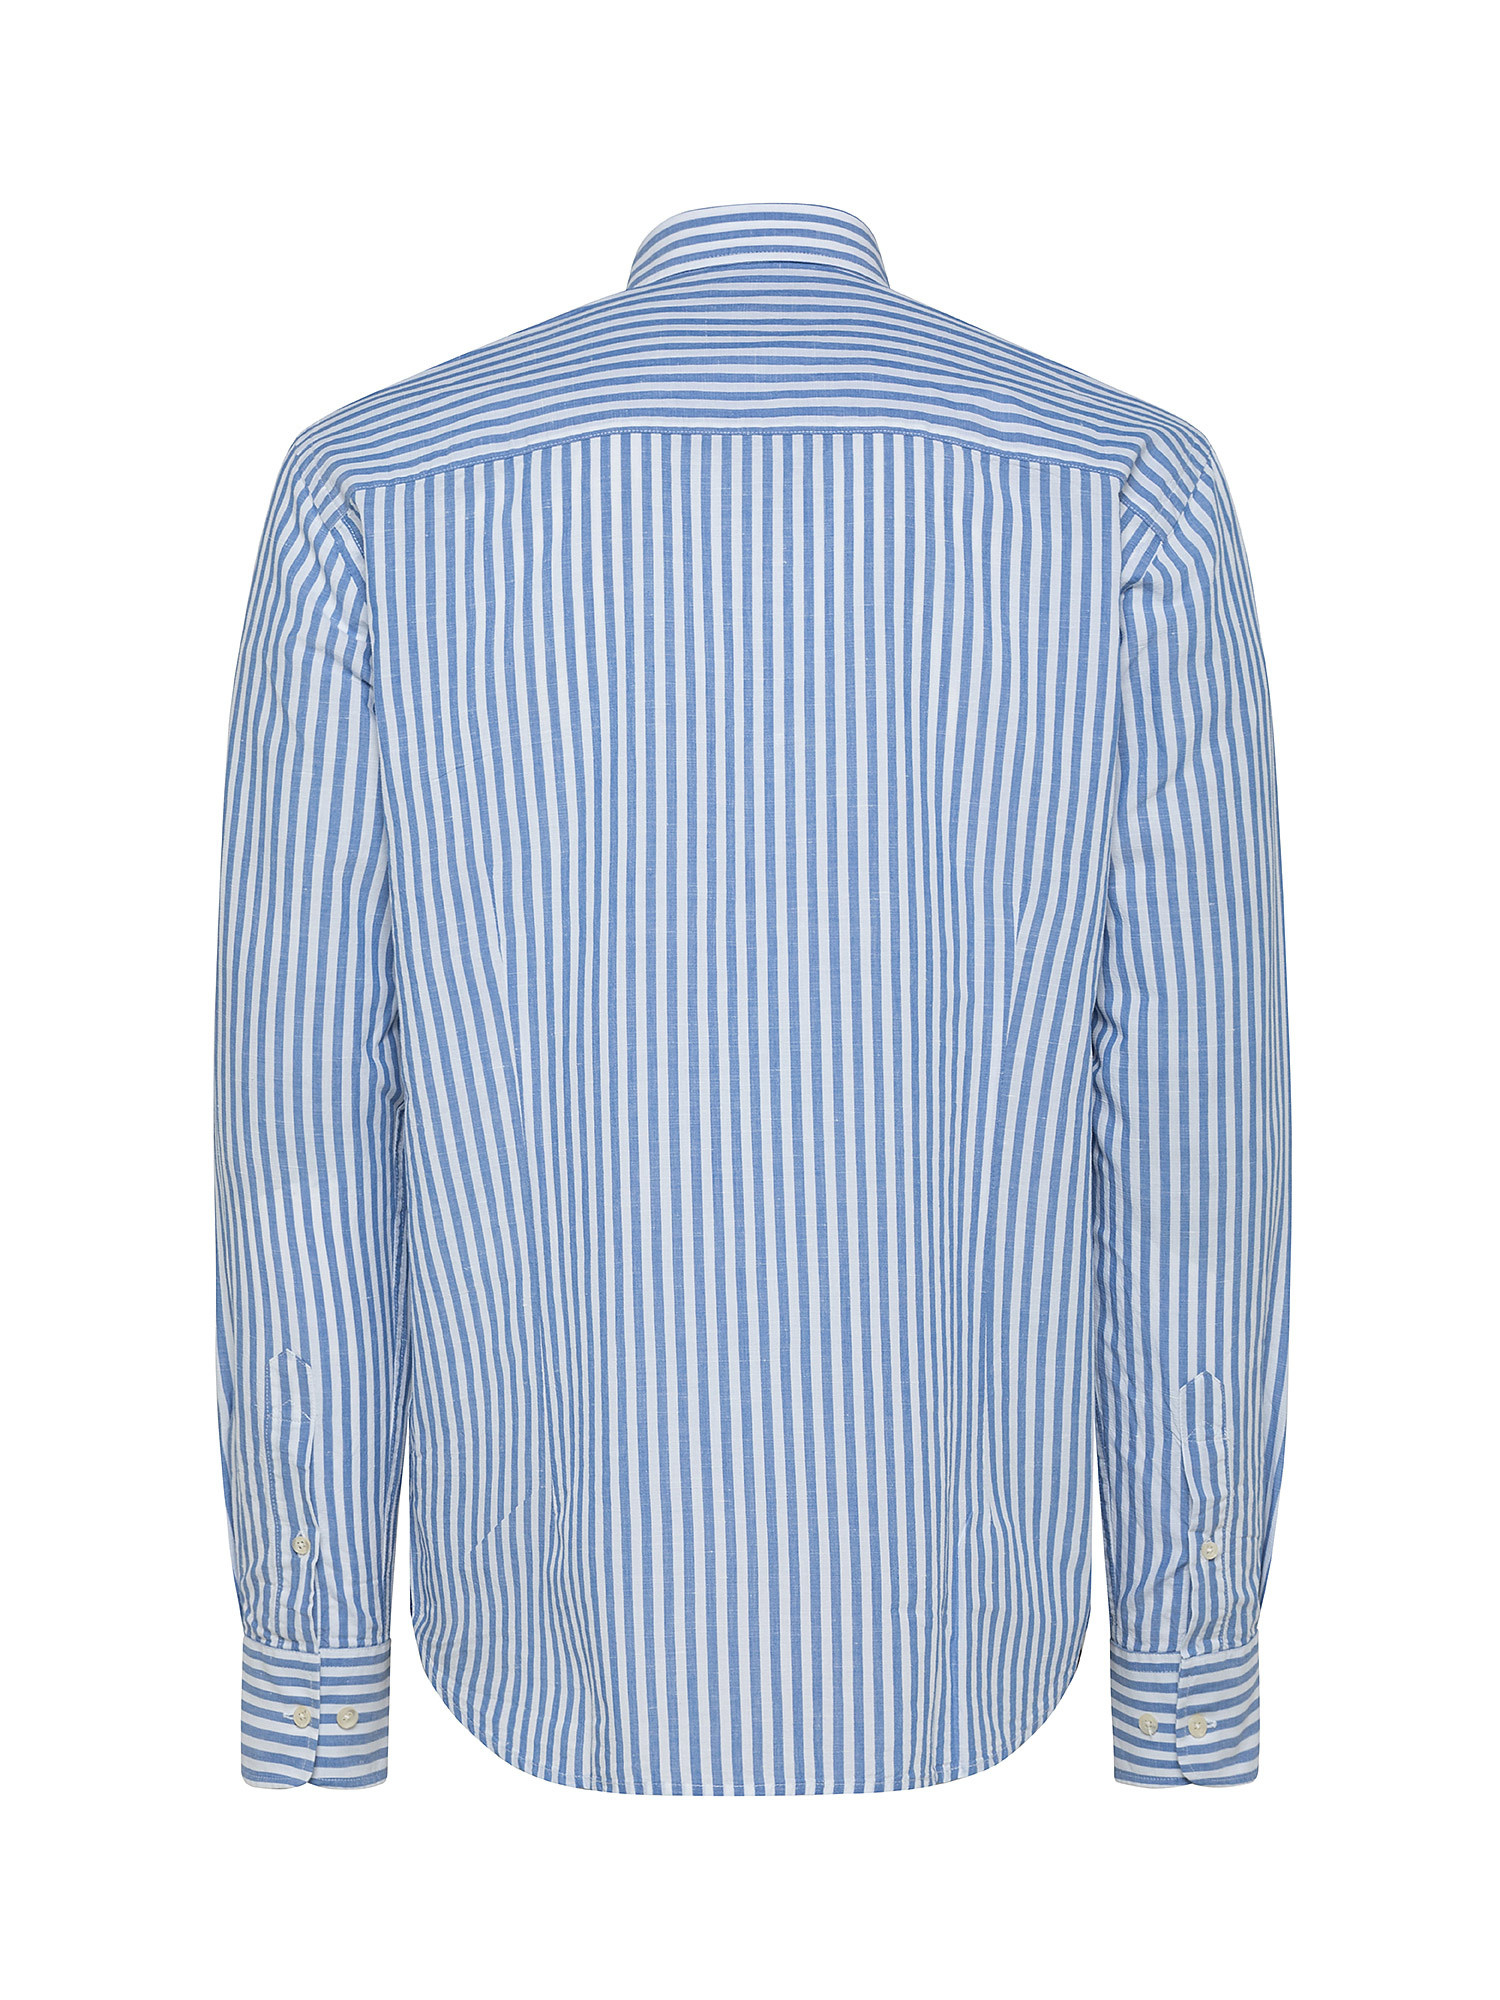 Camicia da uomo in misto lino e cotone regular fit, Bianco, large image number 1